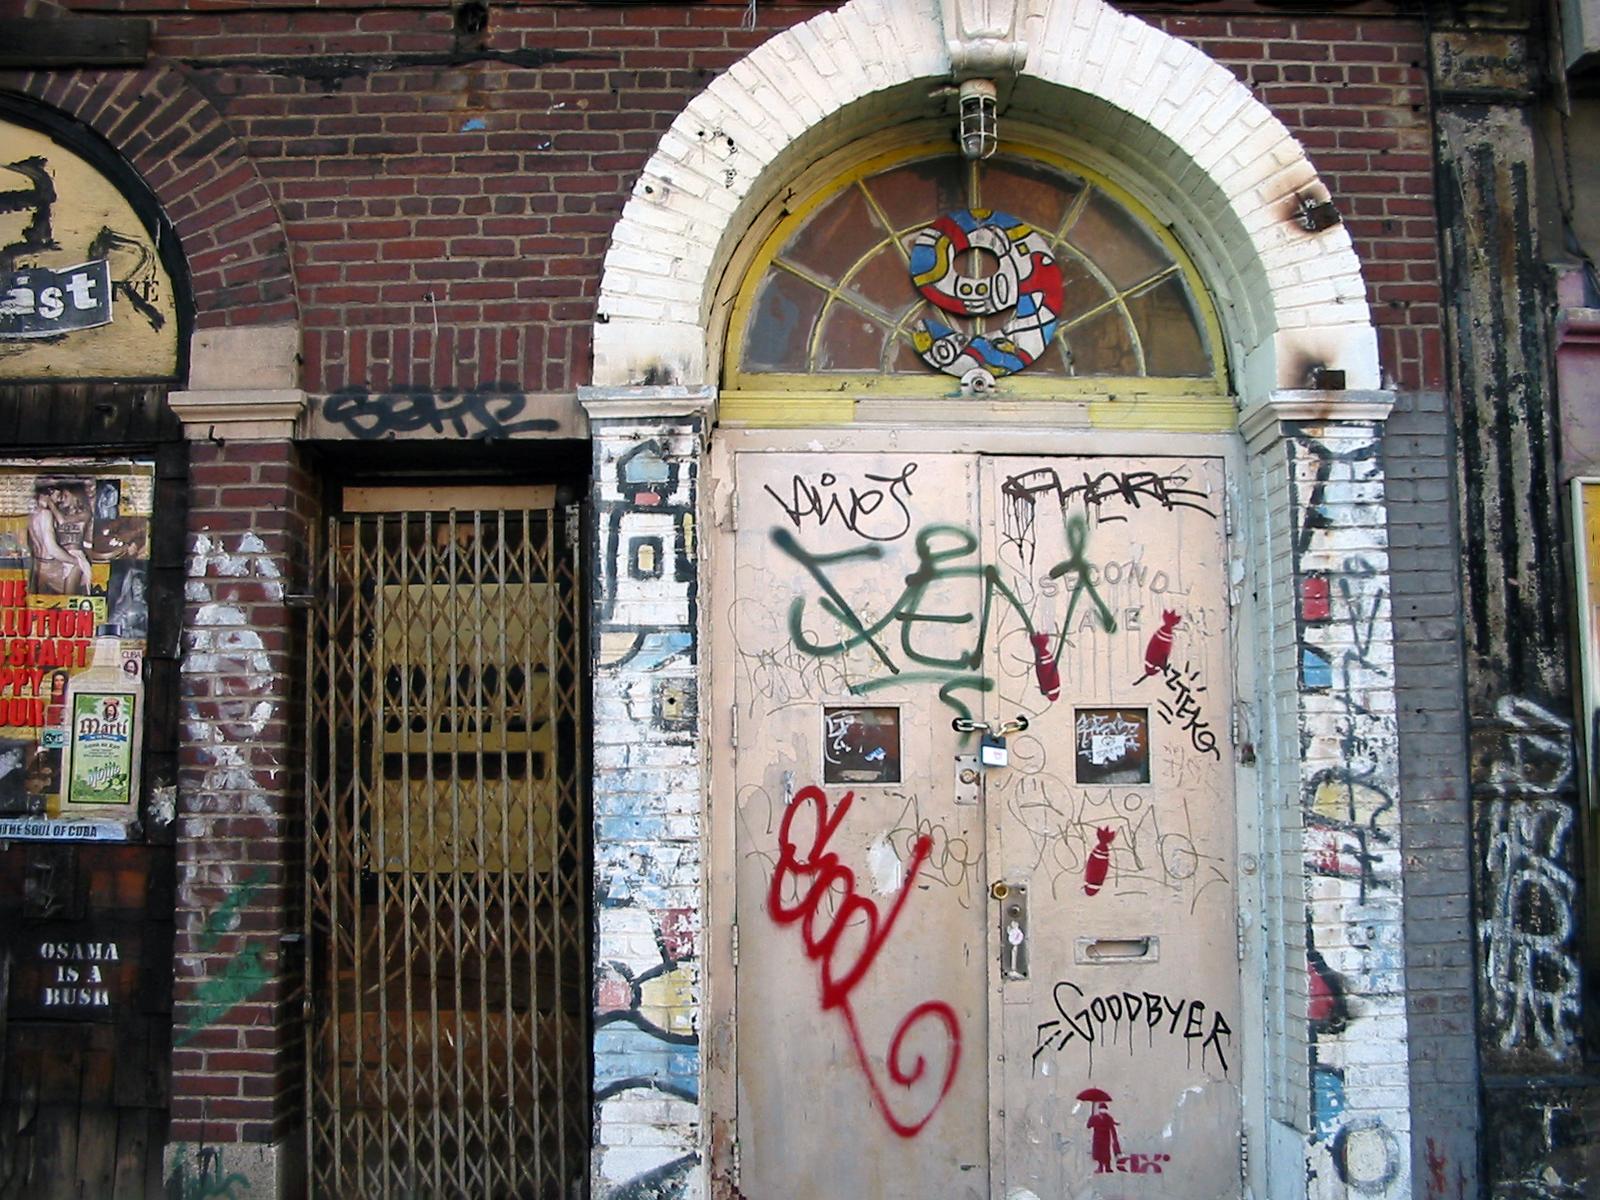 9 2nd Ave, New York NY